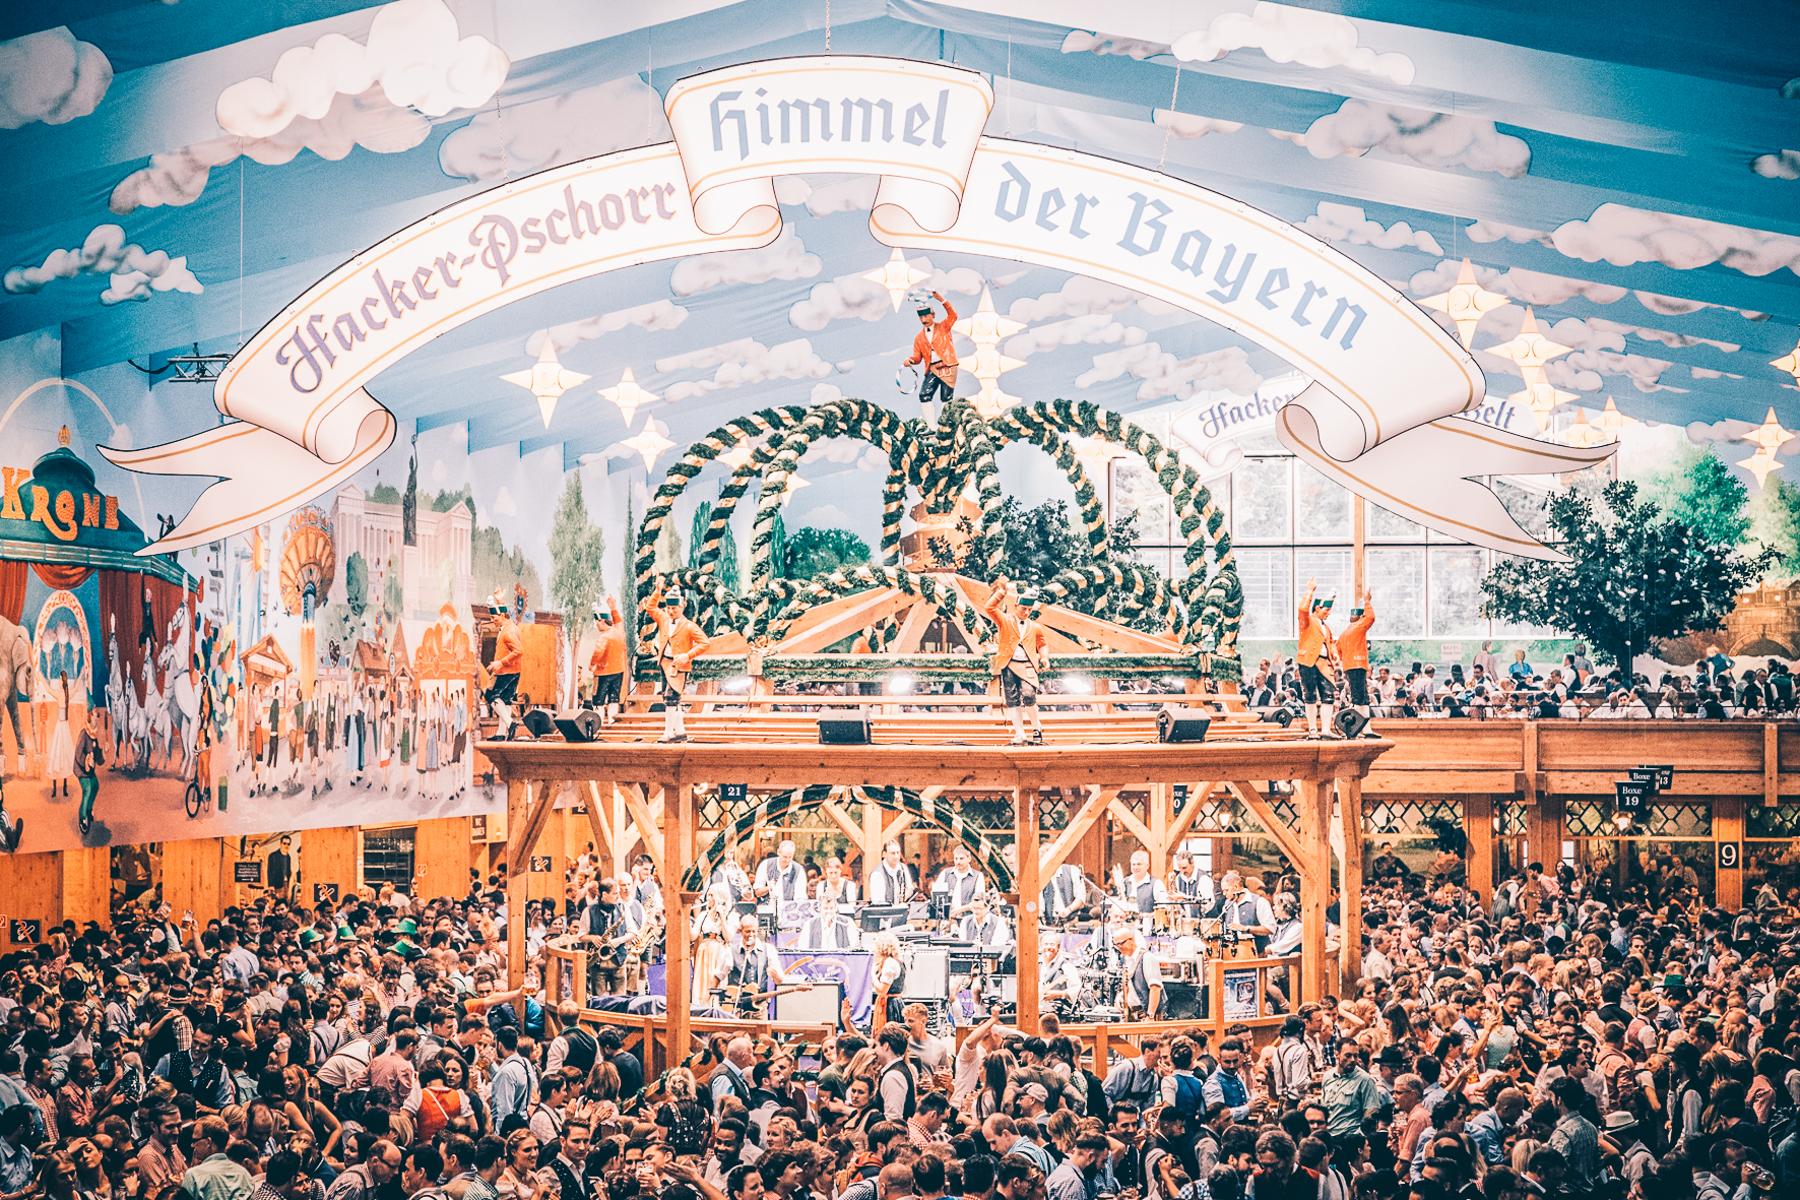 Geheimtipp Muenchen Spezltour Wiesn2017 Oktoberfest 41 von 43 – ©wunderland media GmbH